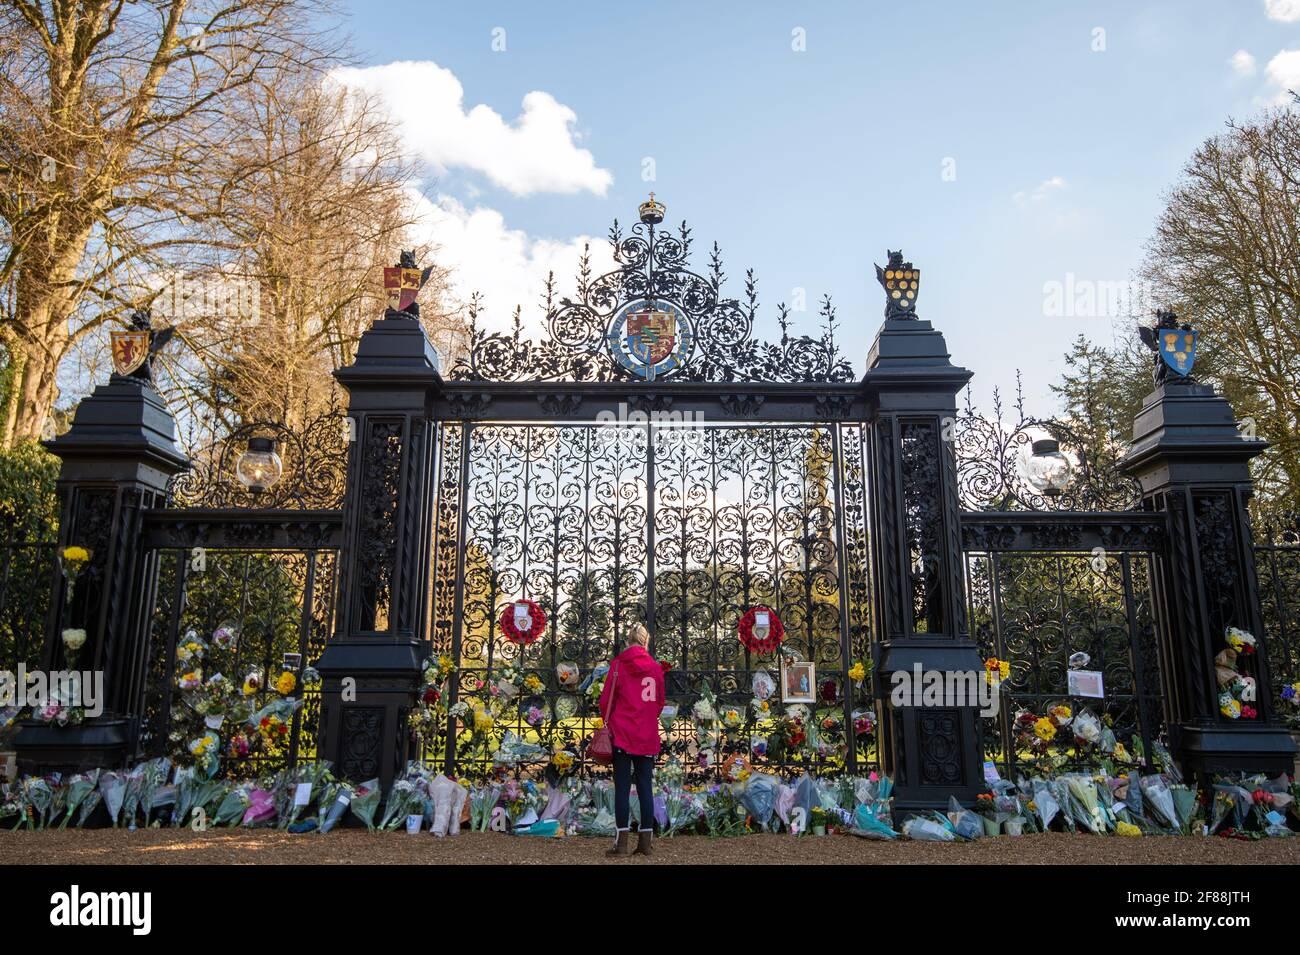 Una donna rende omaggio al suo esterno alle porte della Sandringham House di Norfolk, dopo l'annuncio, venerdì 9 aprile, della morte del duca di Edimburgo all'età di 99 anni. Data immagine: Lunedì 12 aprile 2021. Foto Stock